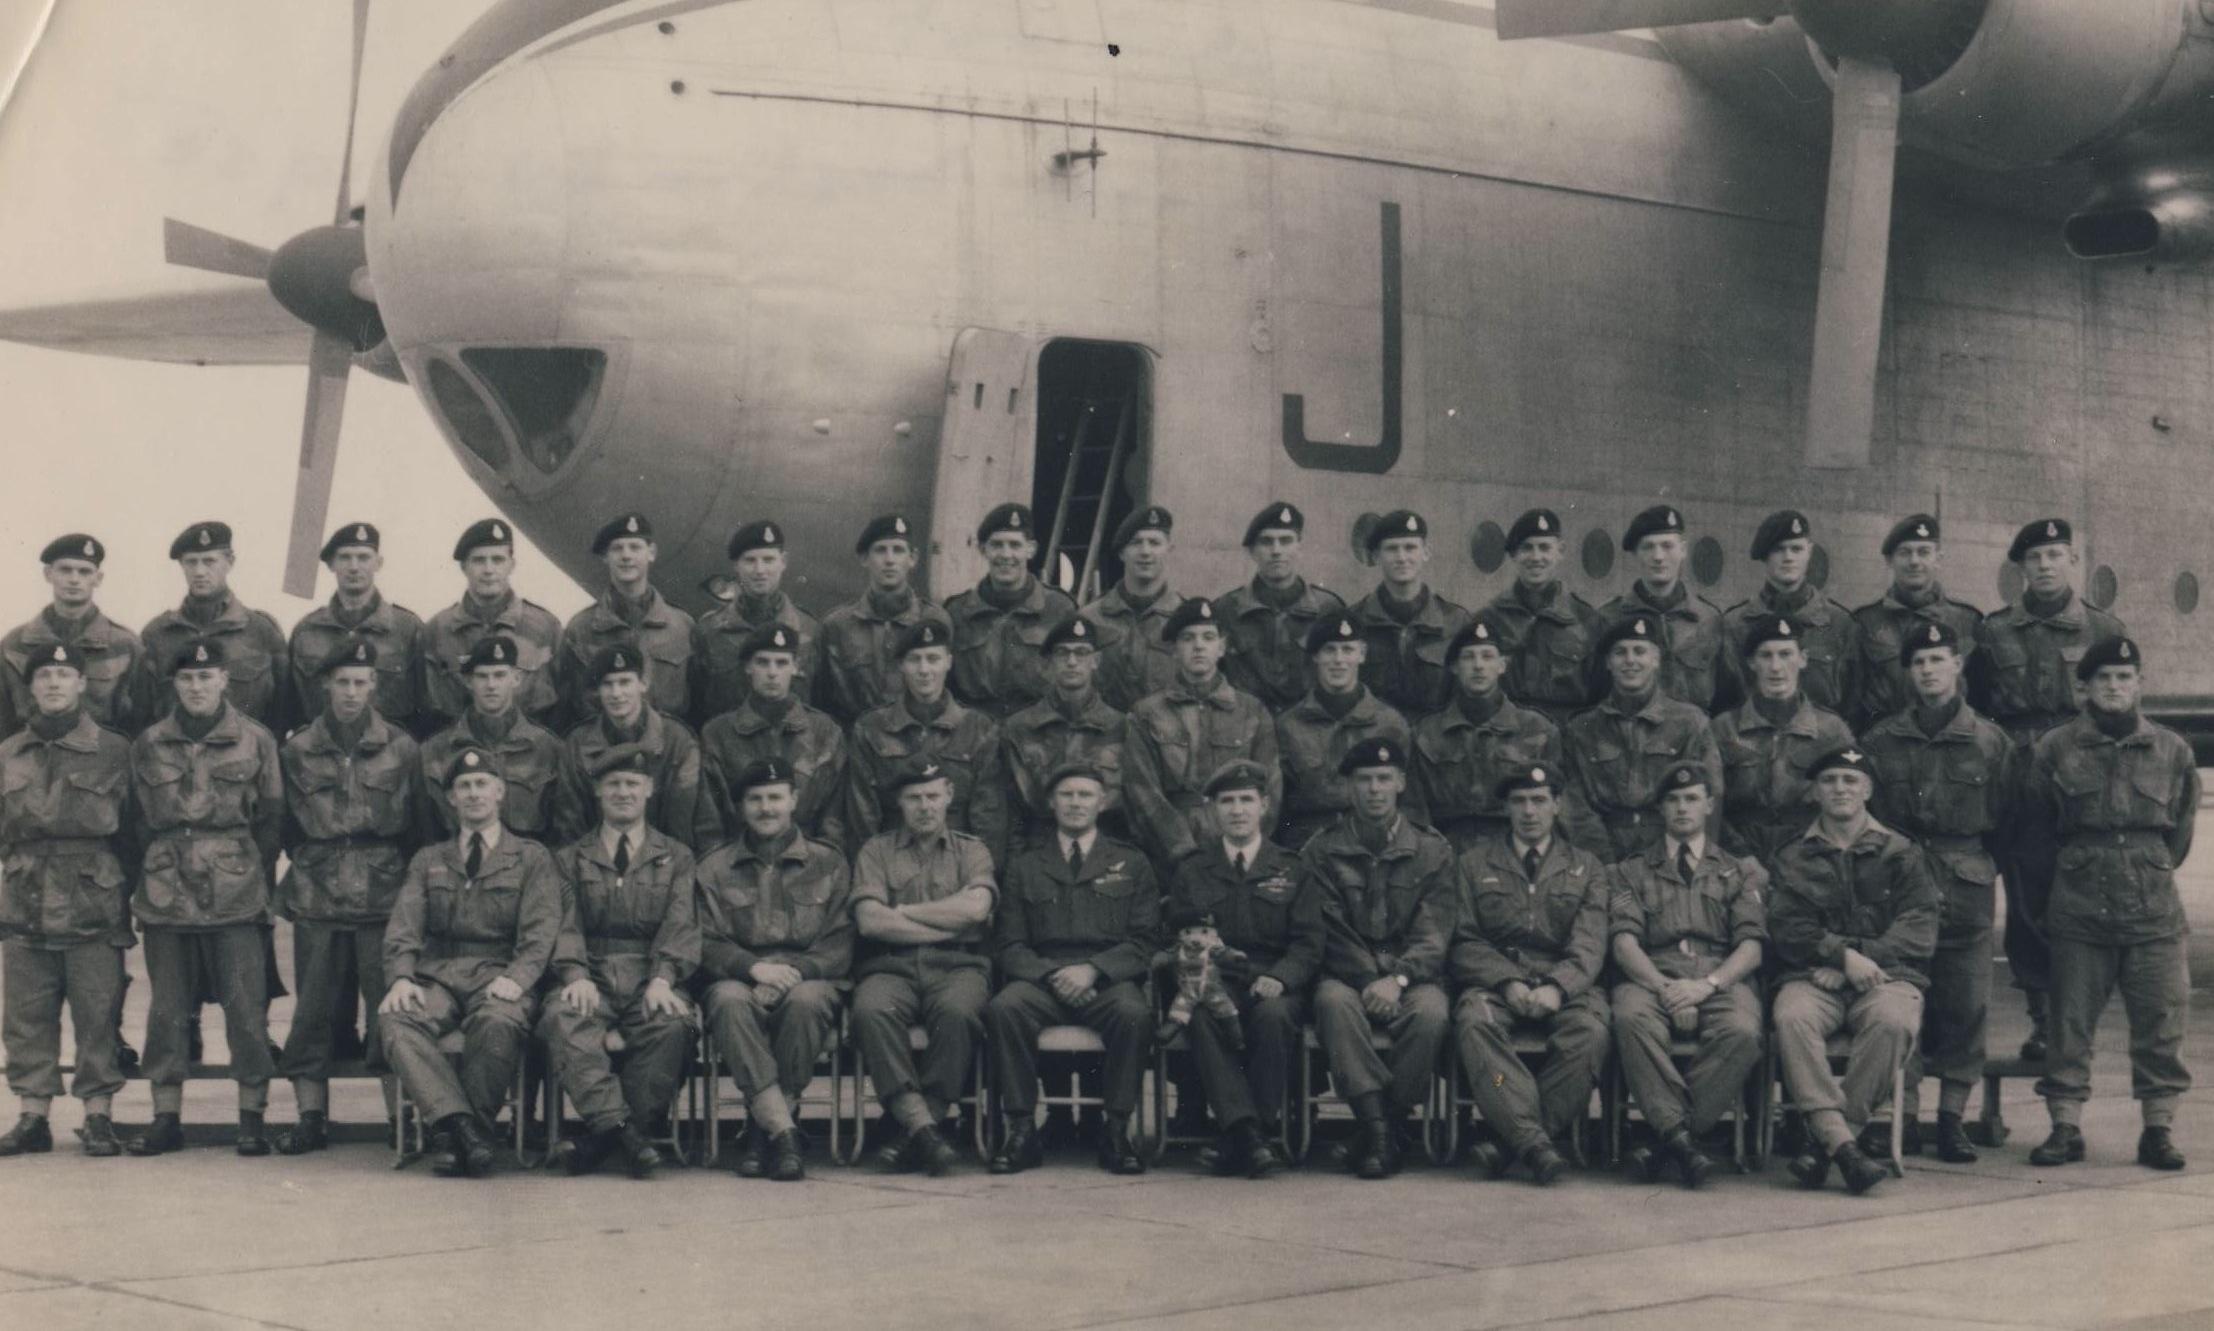 SANDHURST 1958